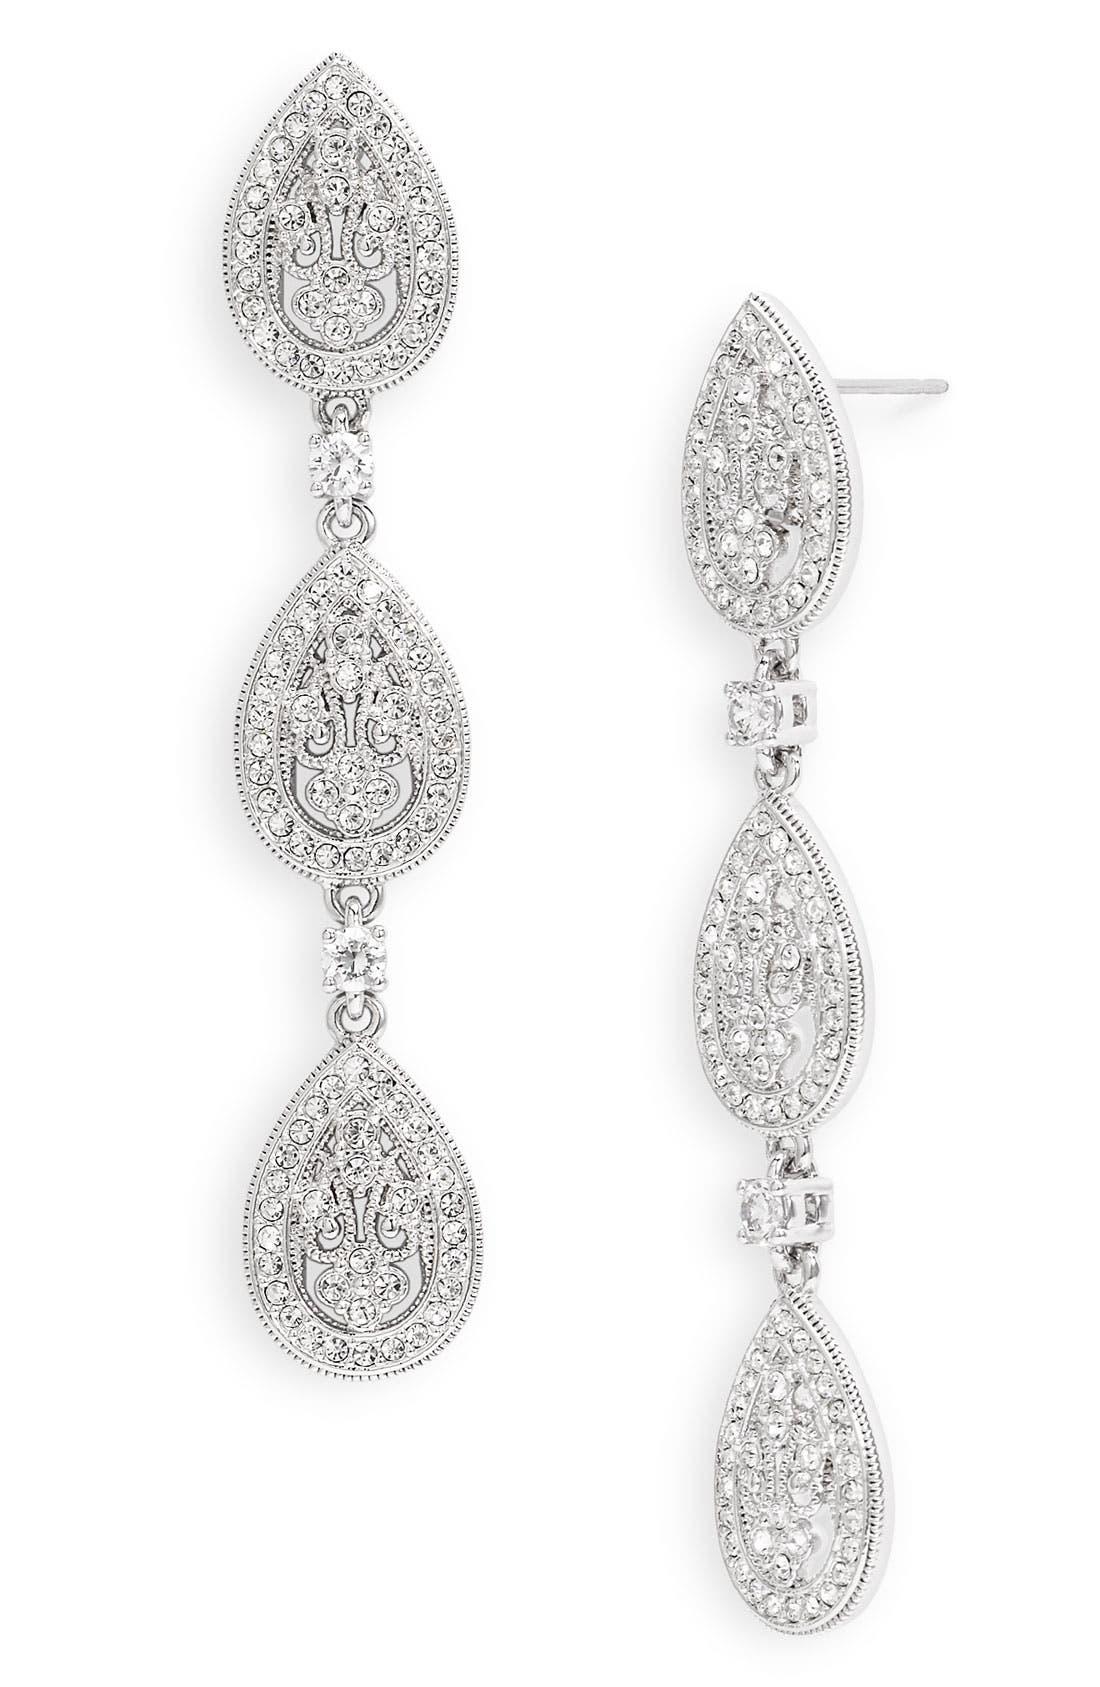 Main Image - Nadri Crystal Teardrop Linear Earrings